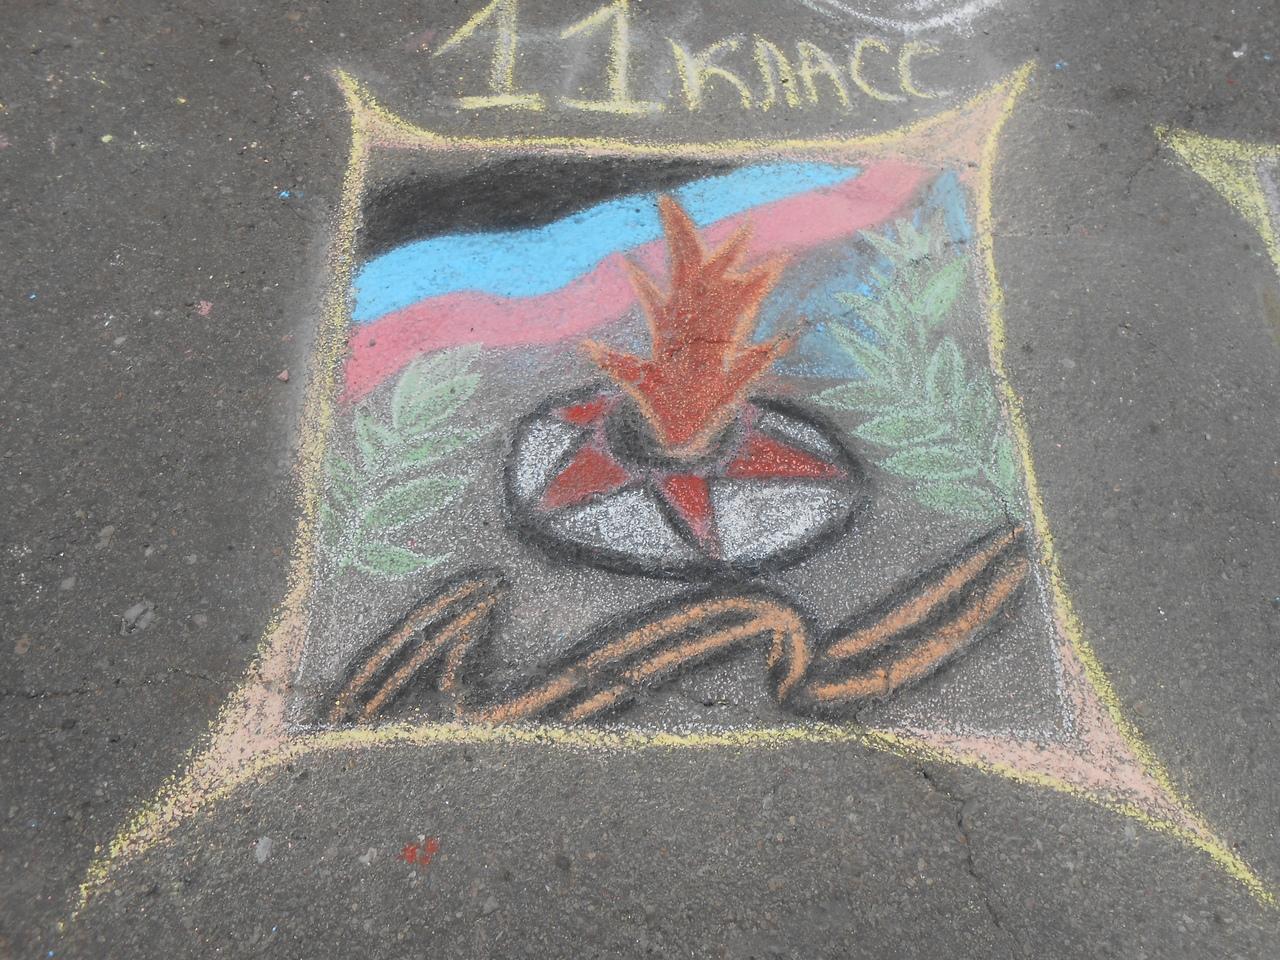 День освобождения донбасса картинки детей, леди совершенство открытки